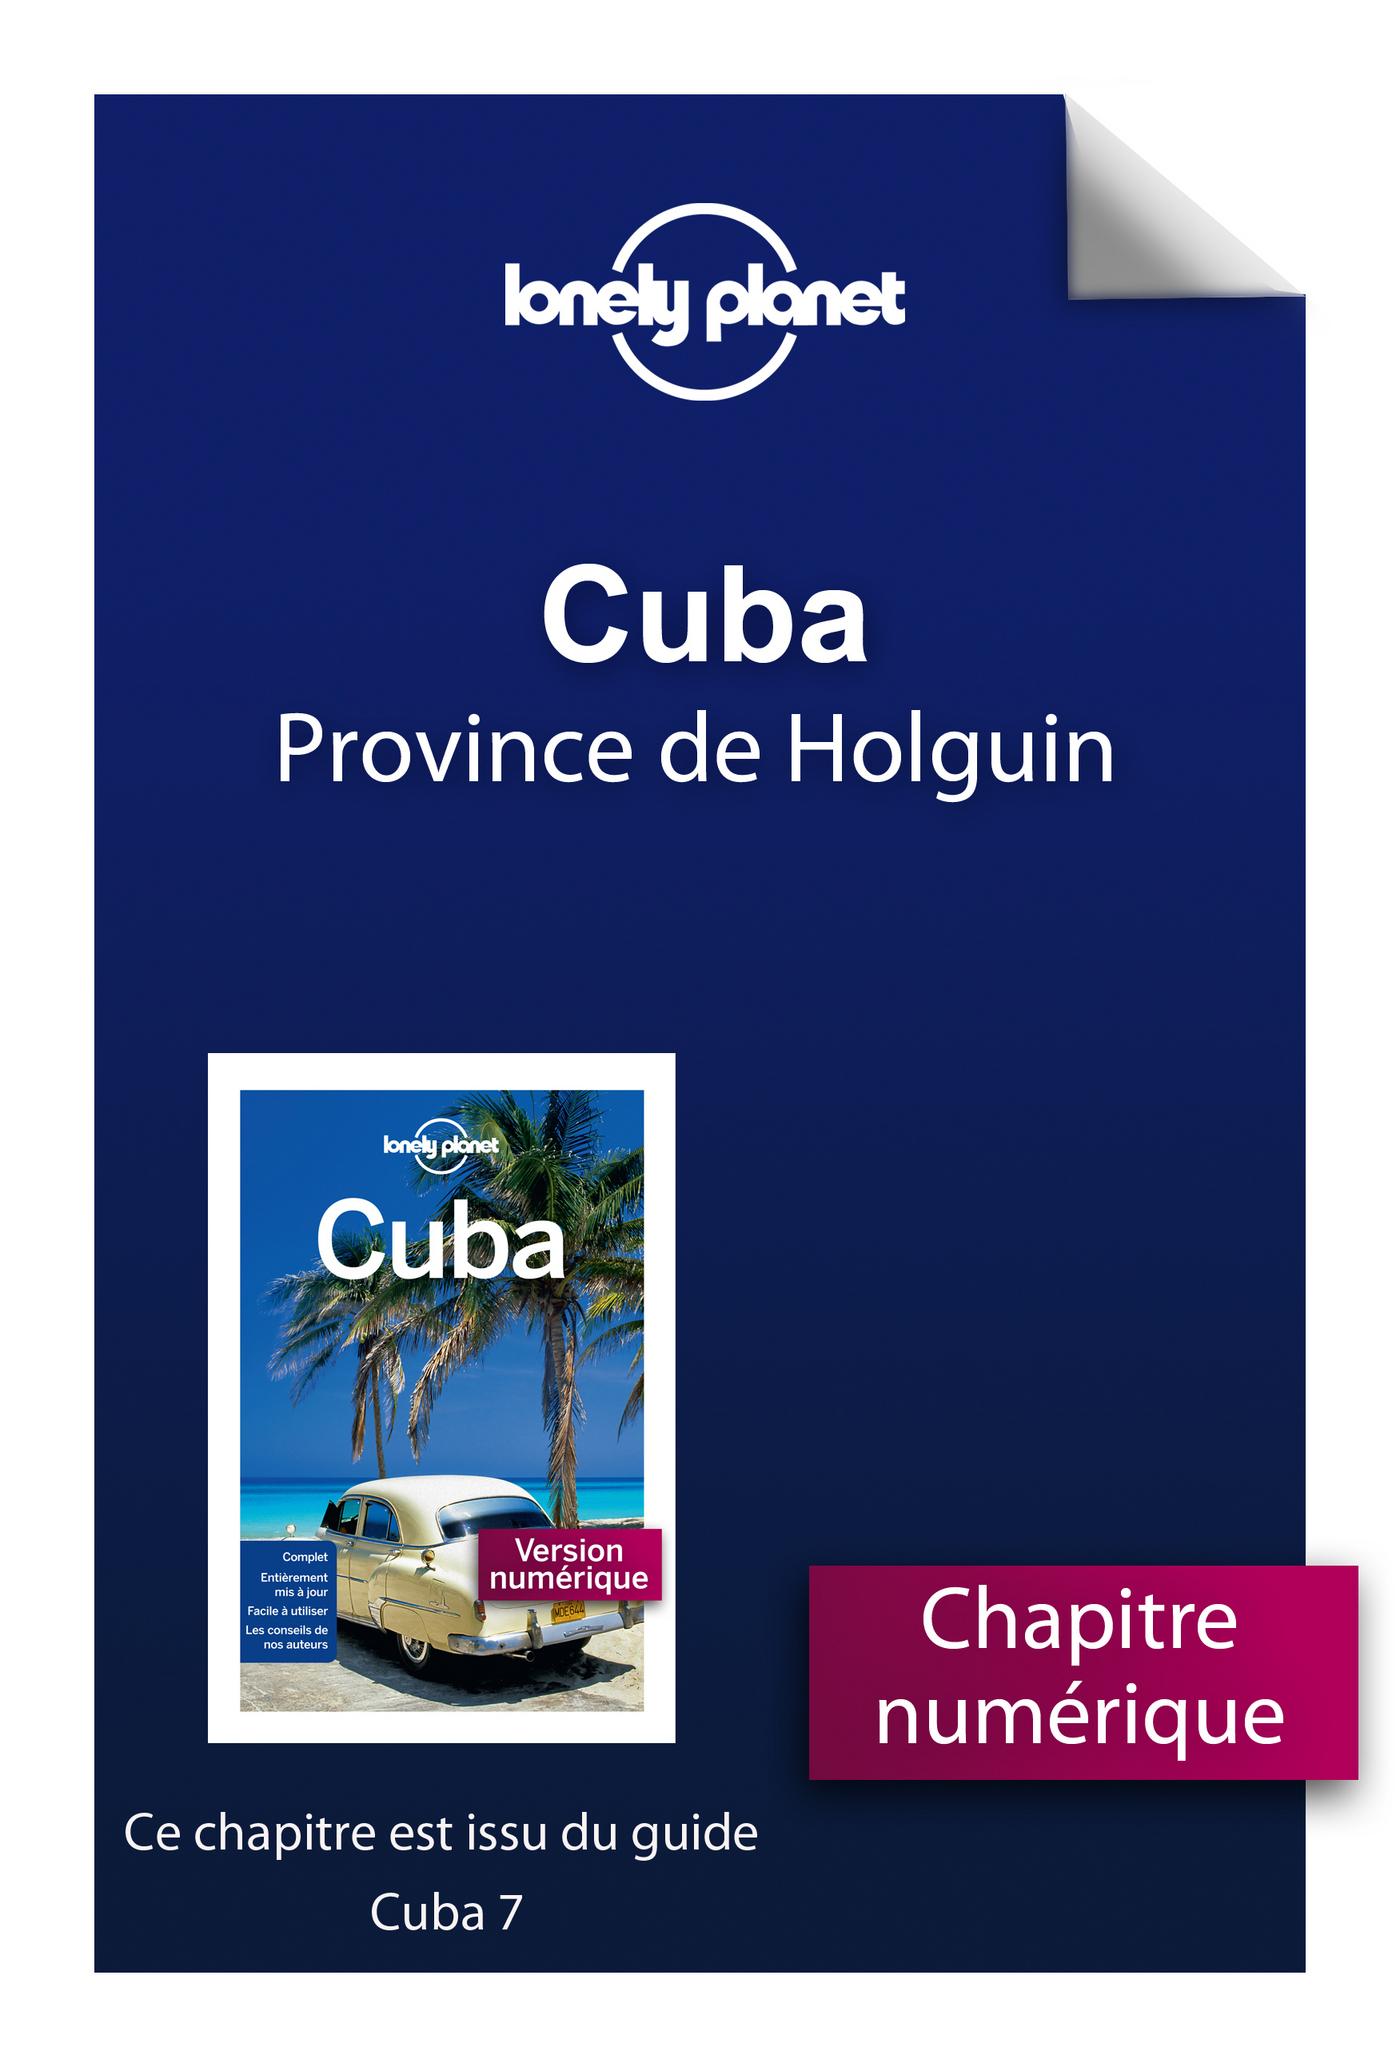 Cuba 7 - Province de Holguín